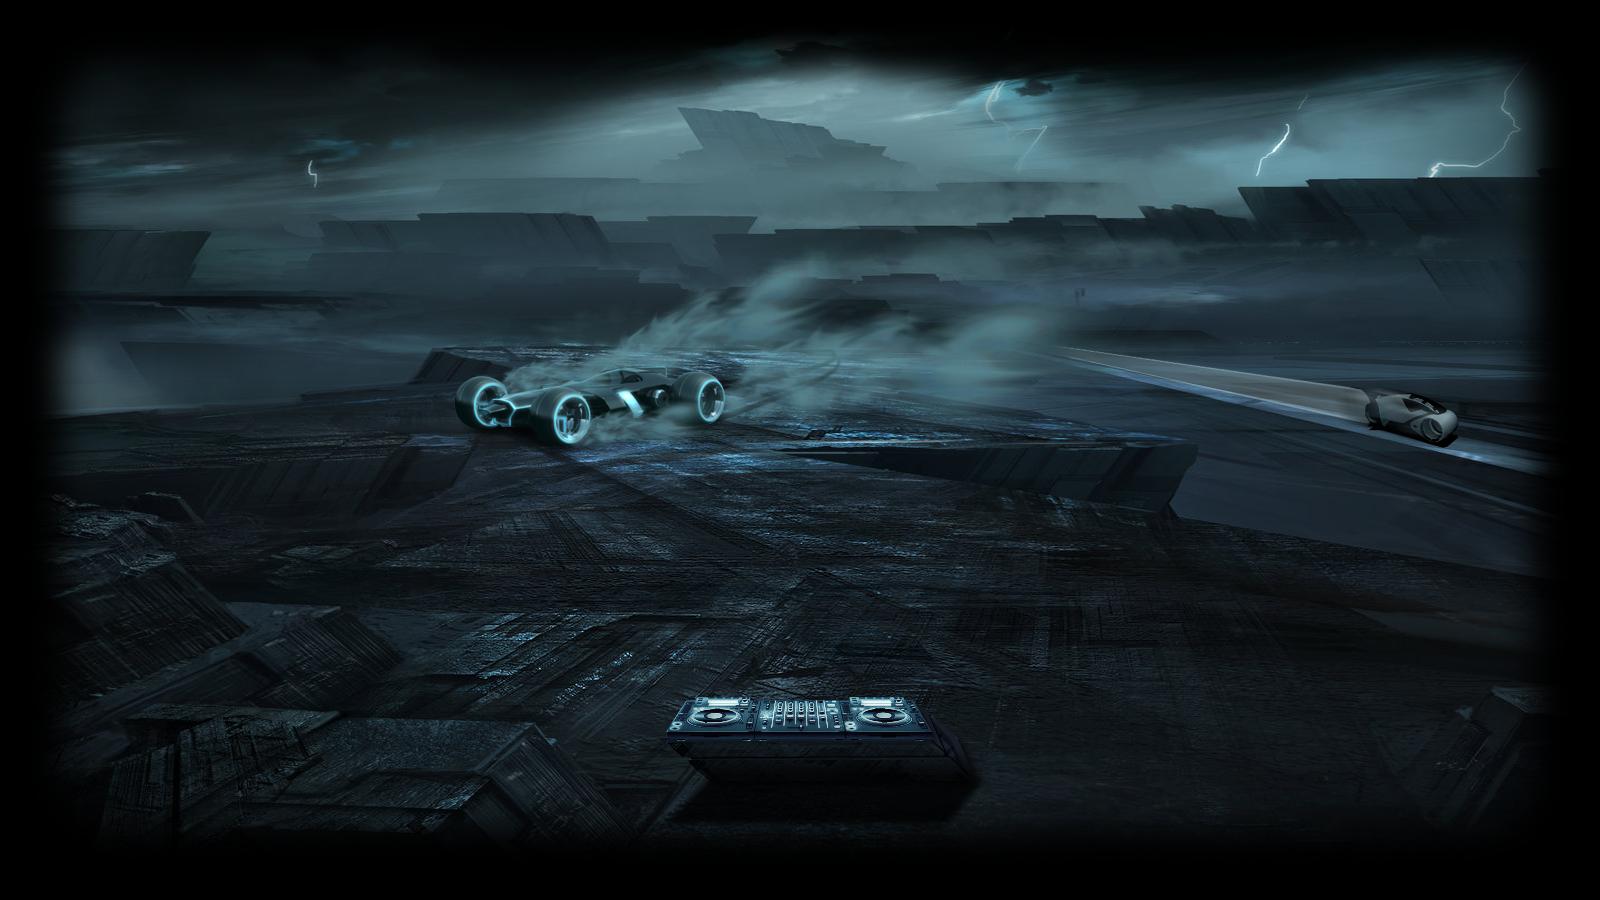 2k14minecraft.jpg